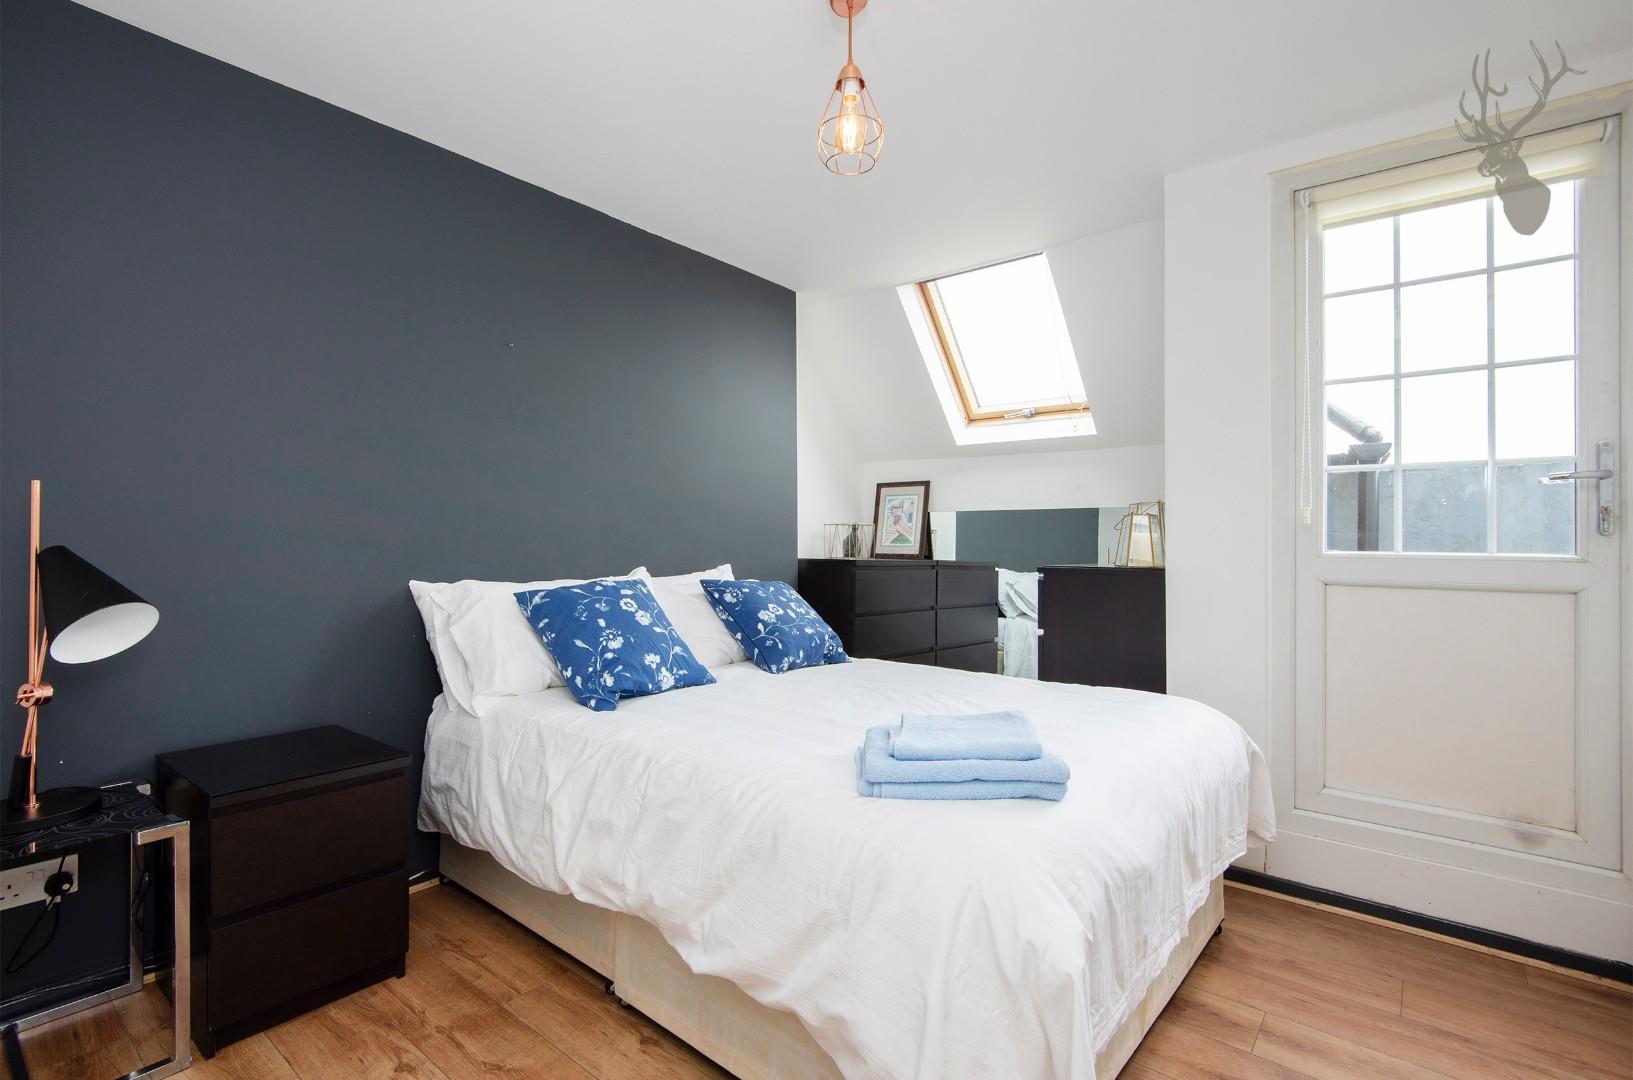 Flat 7, 586 Kingsland Road E8 Bedroom img 1.jpg